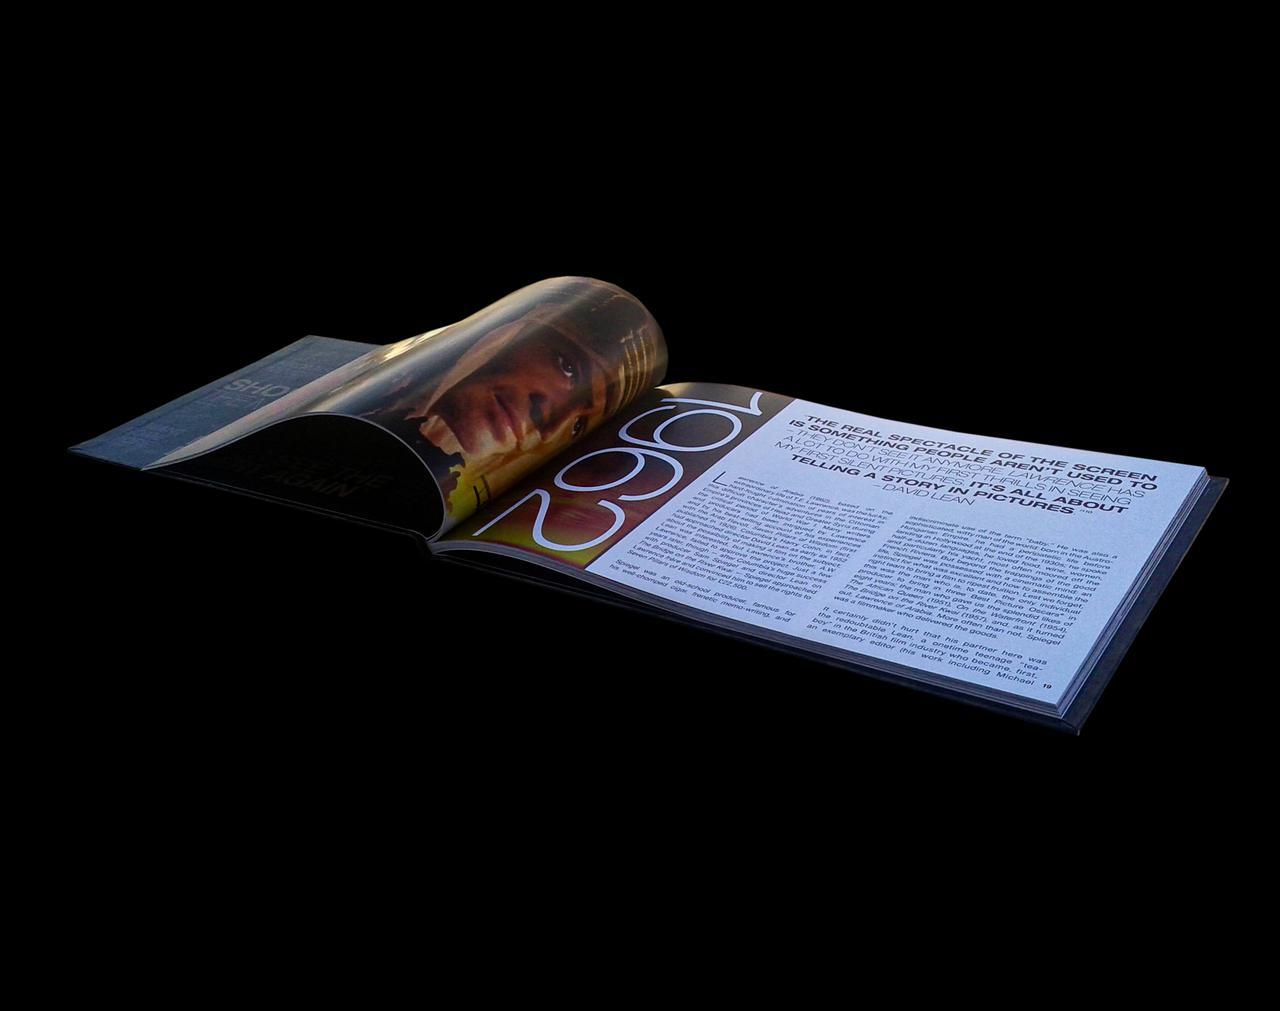 画像3: COLUMBIA CLASSICS COLLECTION - 4K UHD BLU-RAY LIMITED BOX-EDTION VOL-1 Mr. Smith Goes to Washington / Lawrence of Arabia / Dr. Strangelove Gandhi / A League of Their Own / Jerry Maguire with DOLBY VISION/DOLBY ATMOS/4K DIGITAL RESTORATION